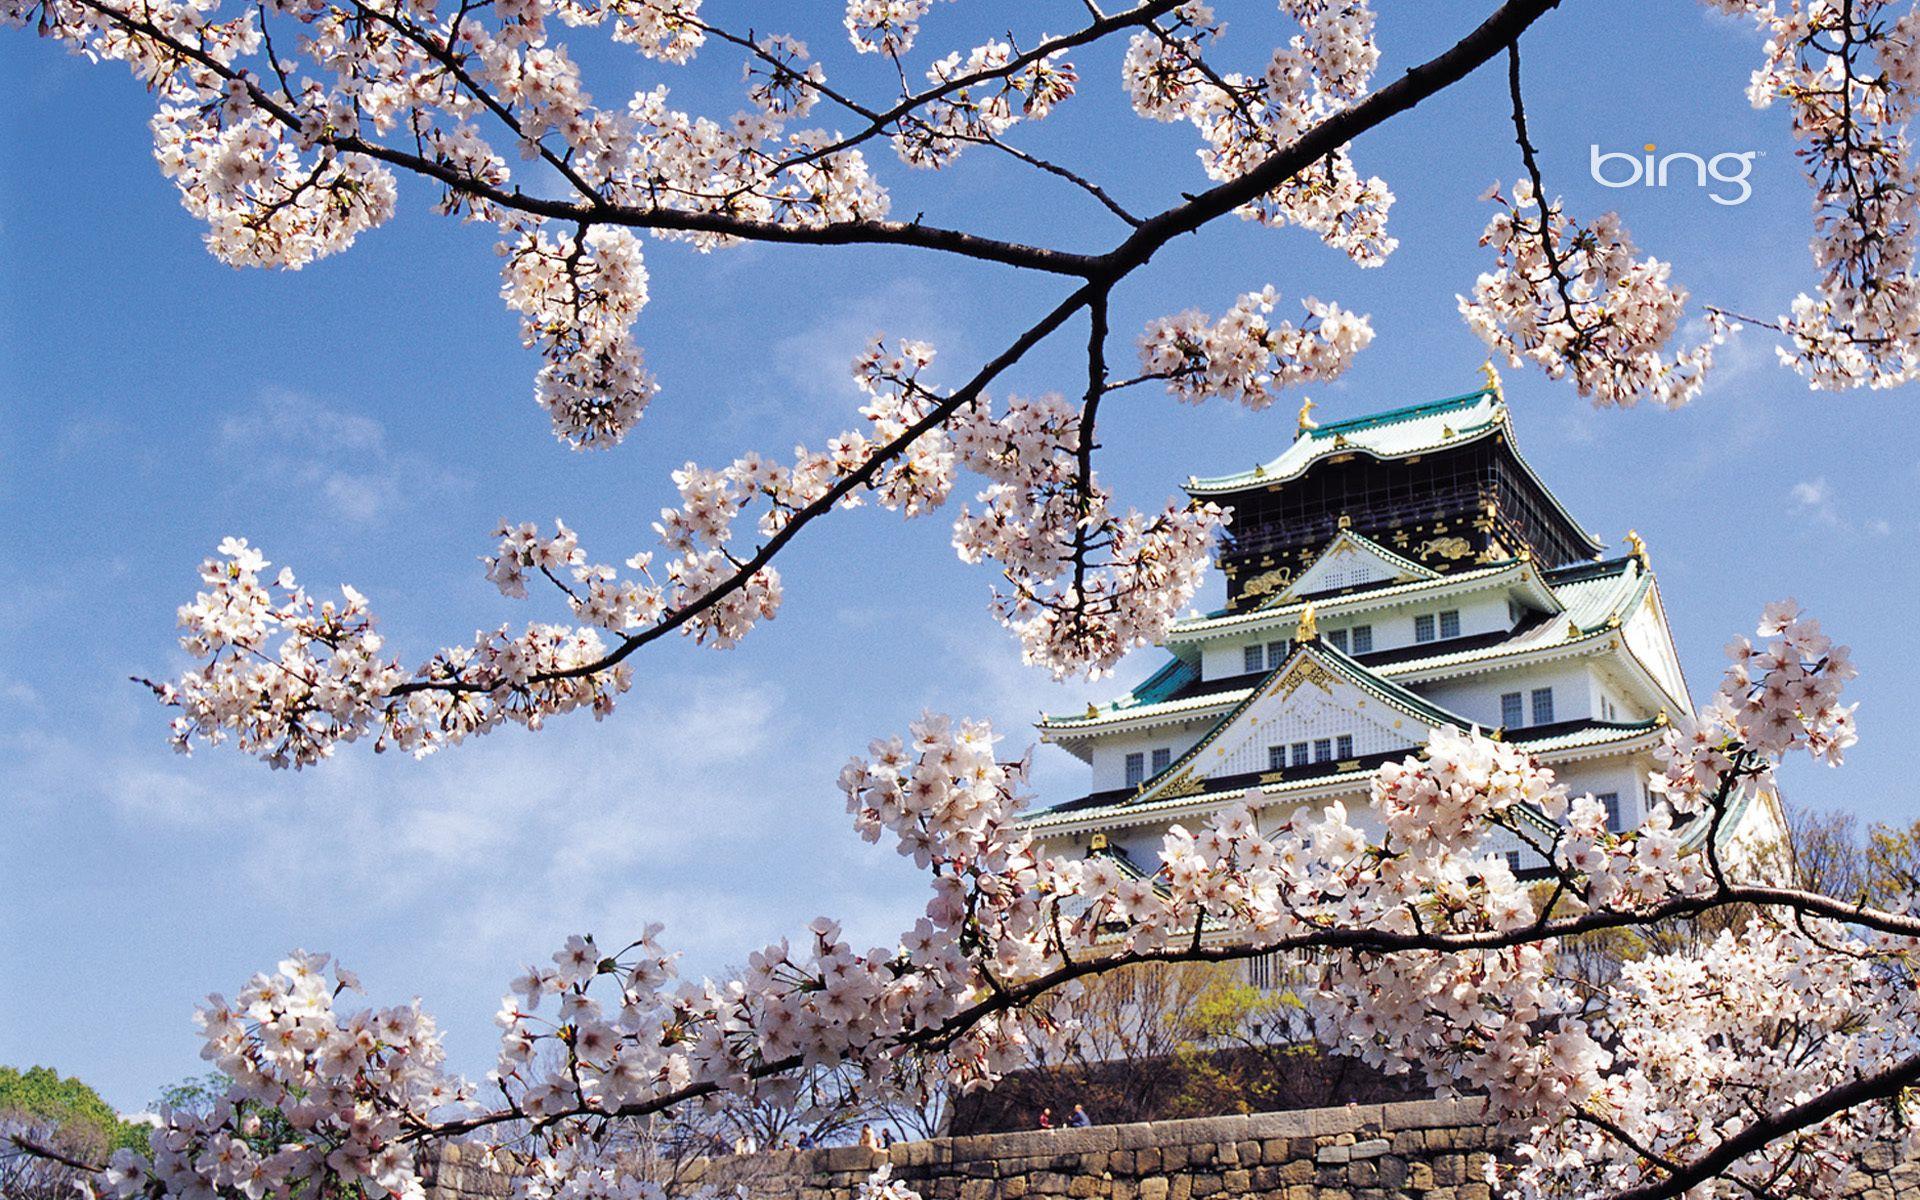 Design Japanese Landscapes google image result for httpimages2 fanpop comimagephotos comimagephotos14600000 japanese landscape samurai 14636844 1920 1200 jpg pics to